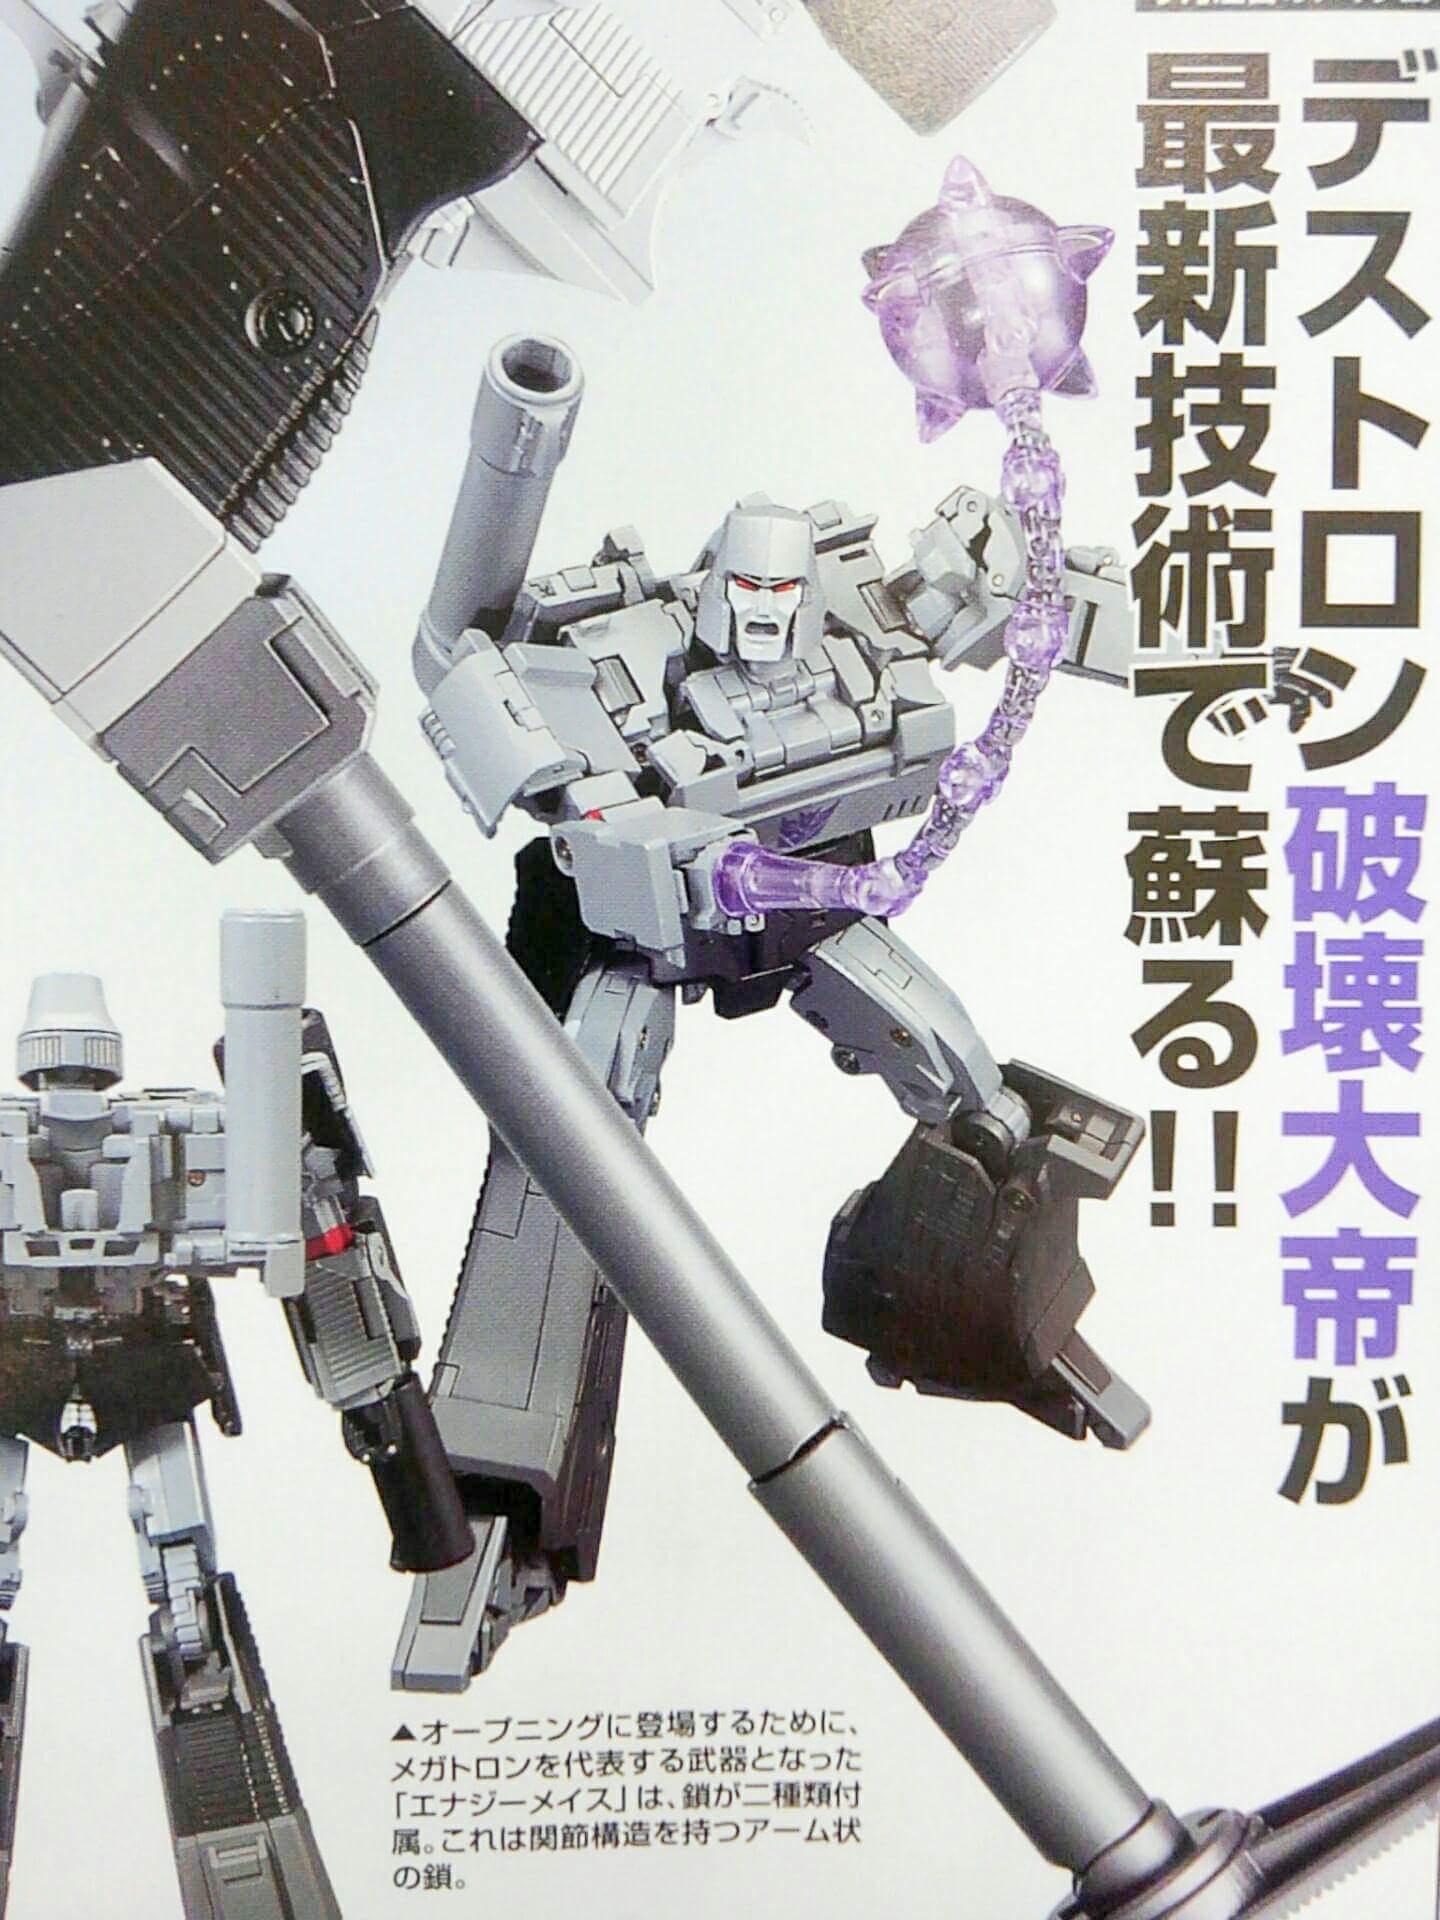 [Masterpiece] MP-36 Mégatron MTPvhc08